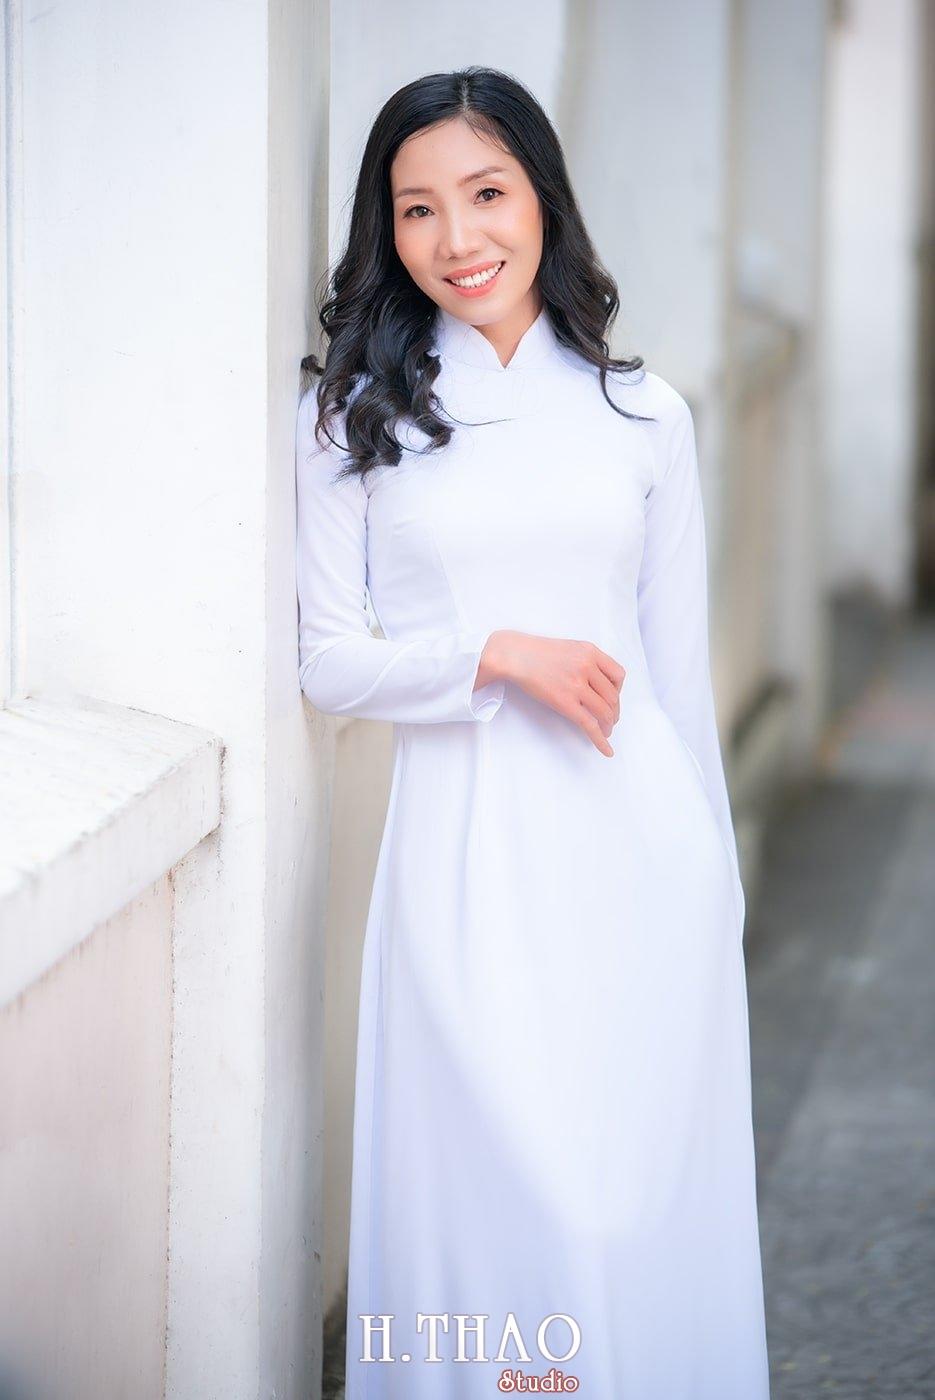 Ao dai nha tho duc ba 15 - Tổng hợp album ảnh áo dài chụp tại nhà thờ Đức Bà - HThao Studio